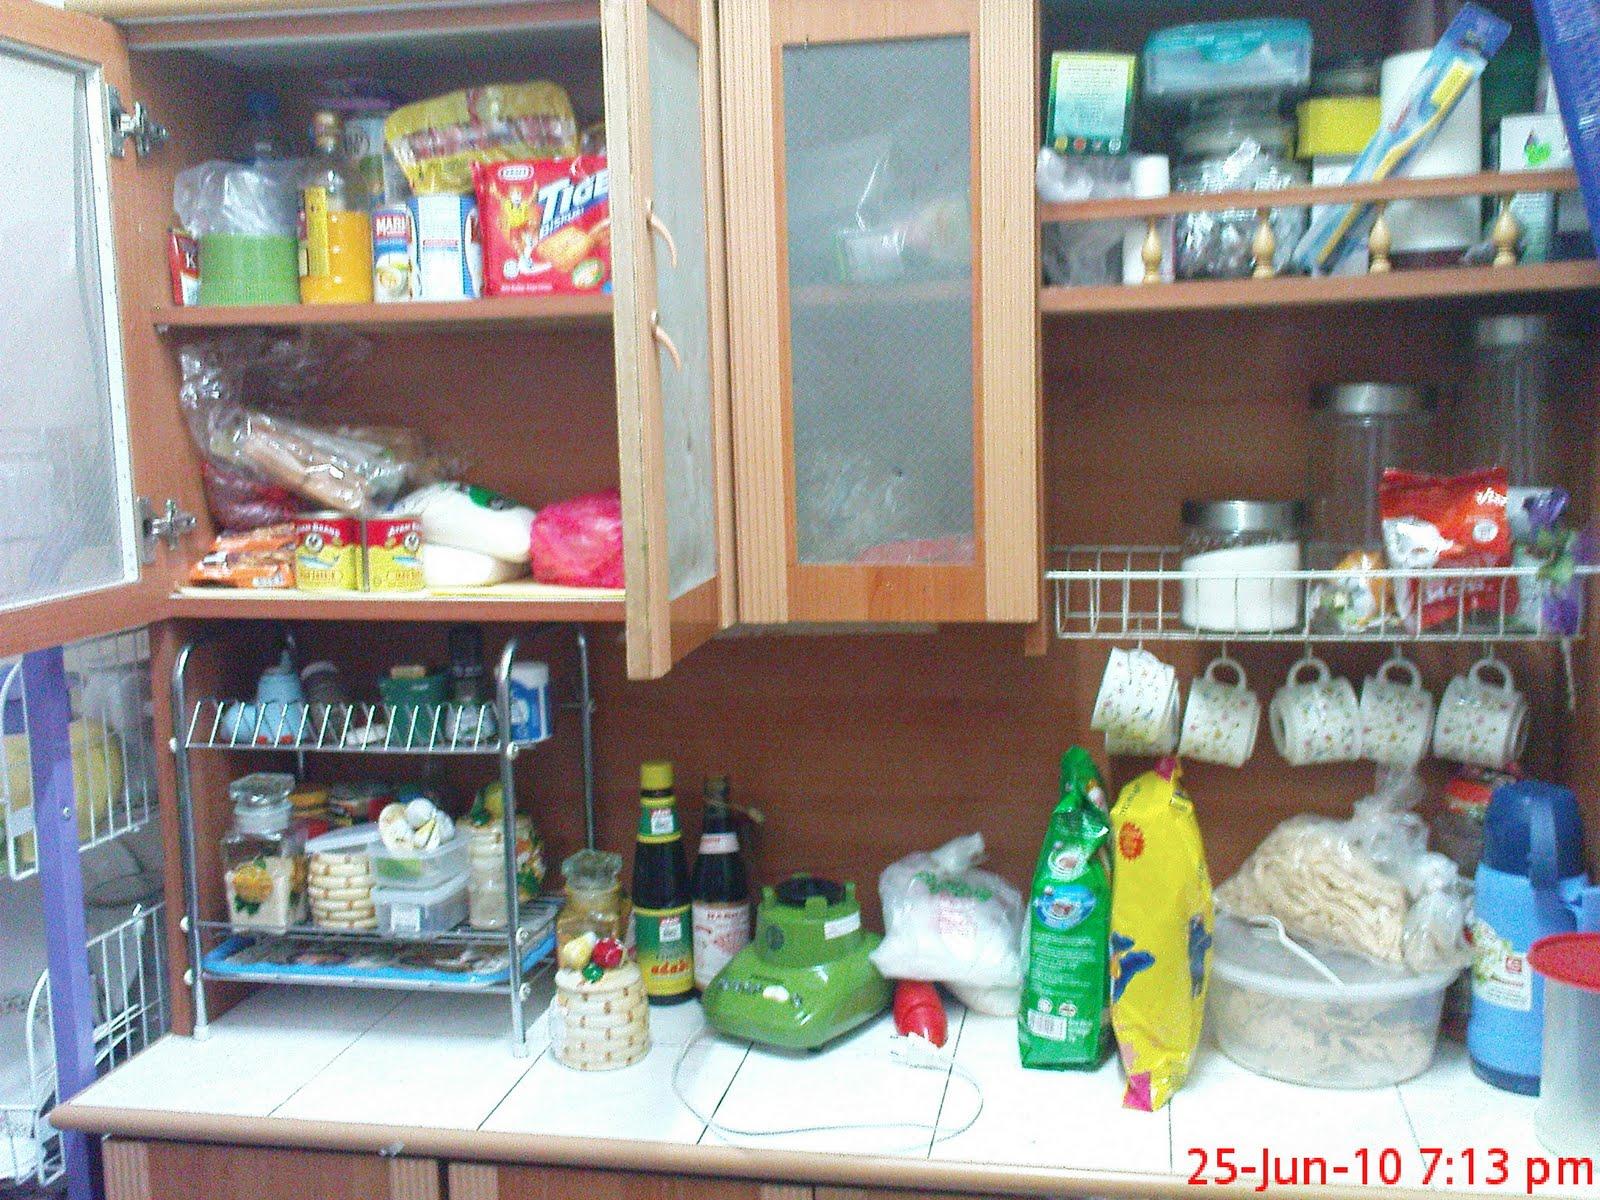 barang dapur Sekamarrindu2009 s Blog